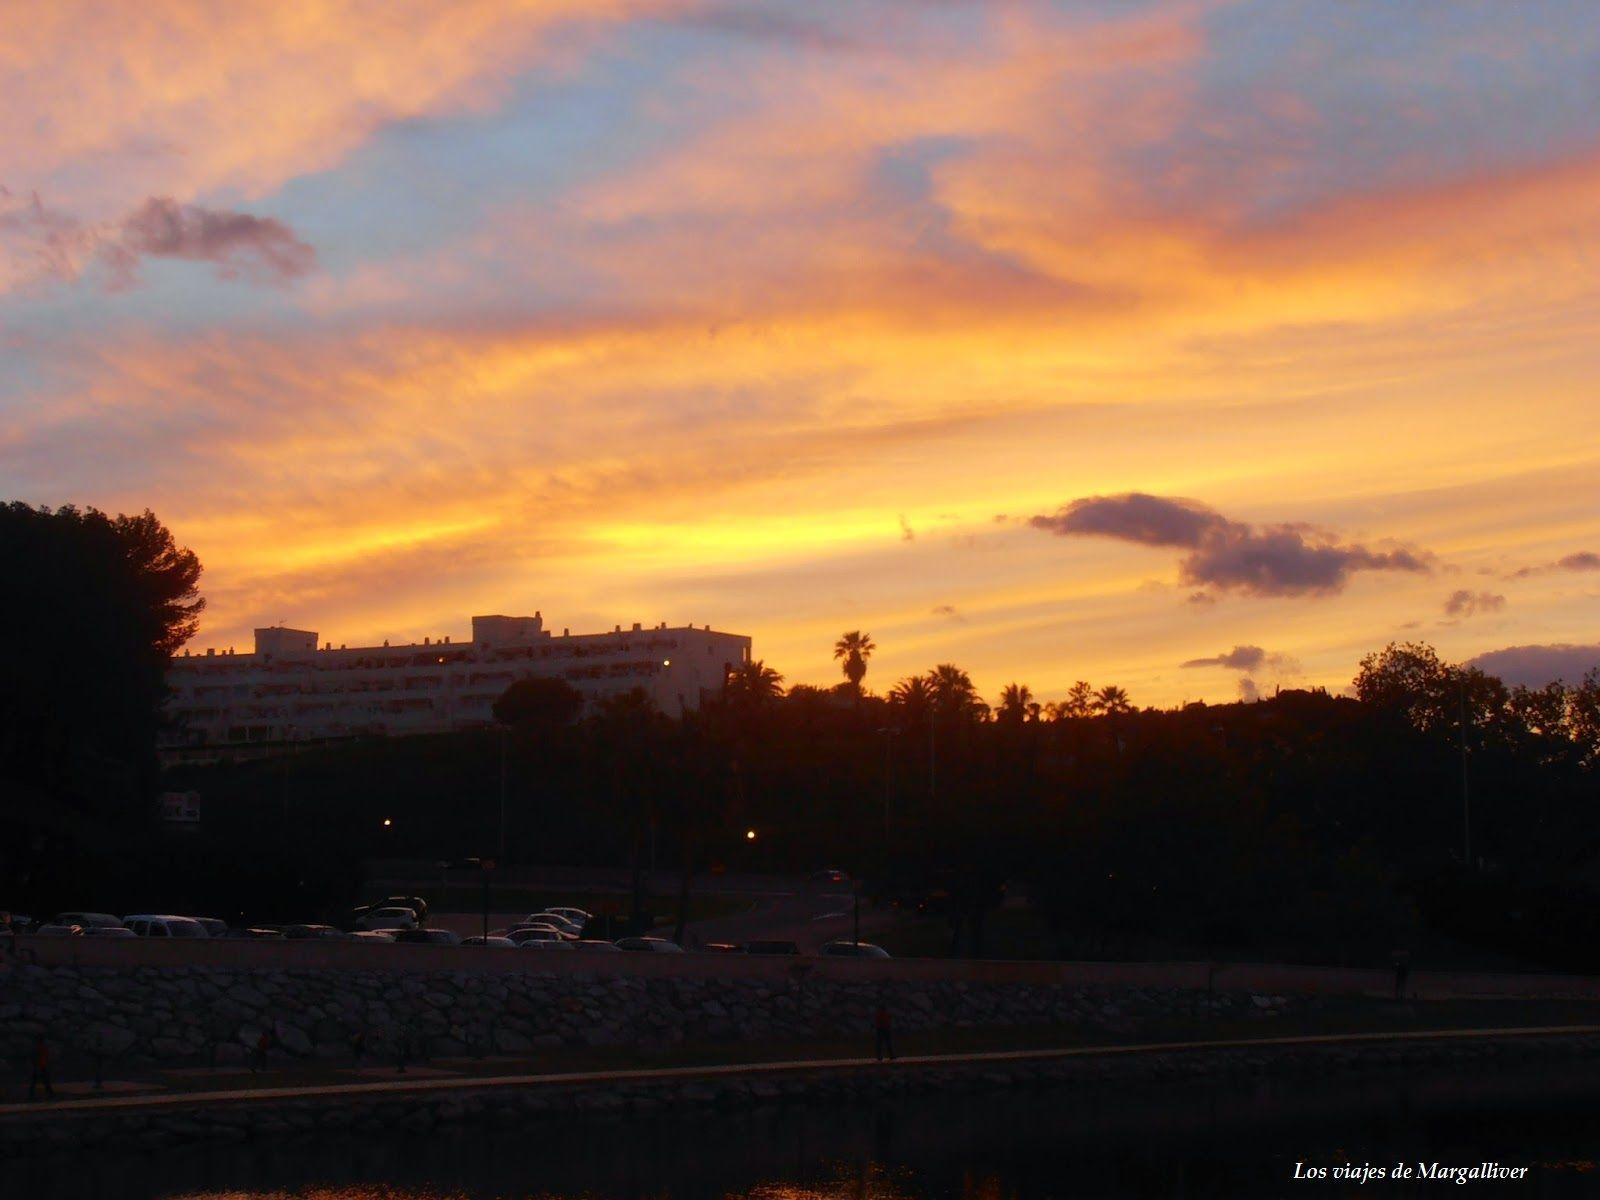 puesta de sol Fungirola- Los viajes de Margalliver